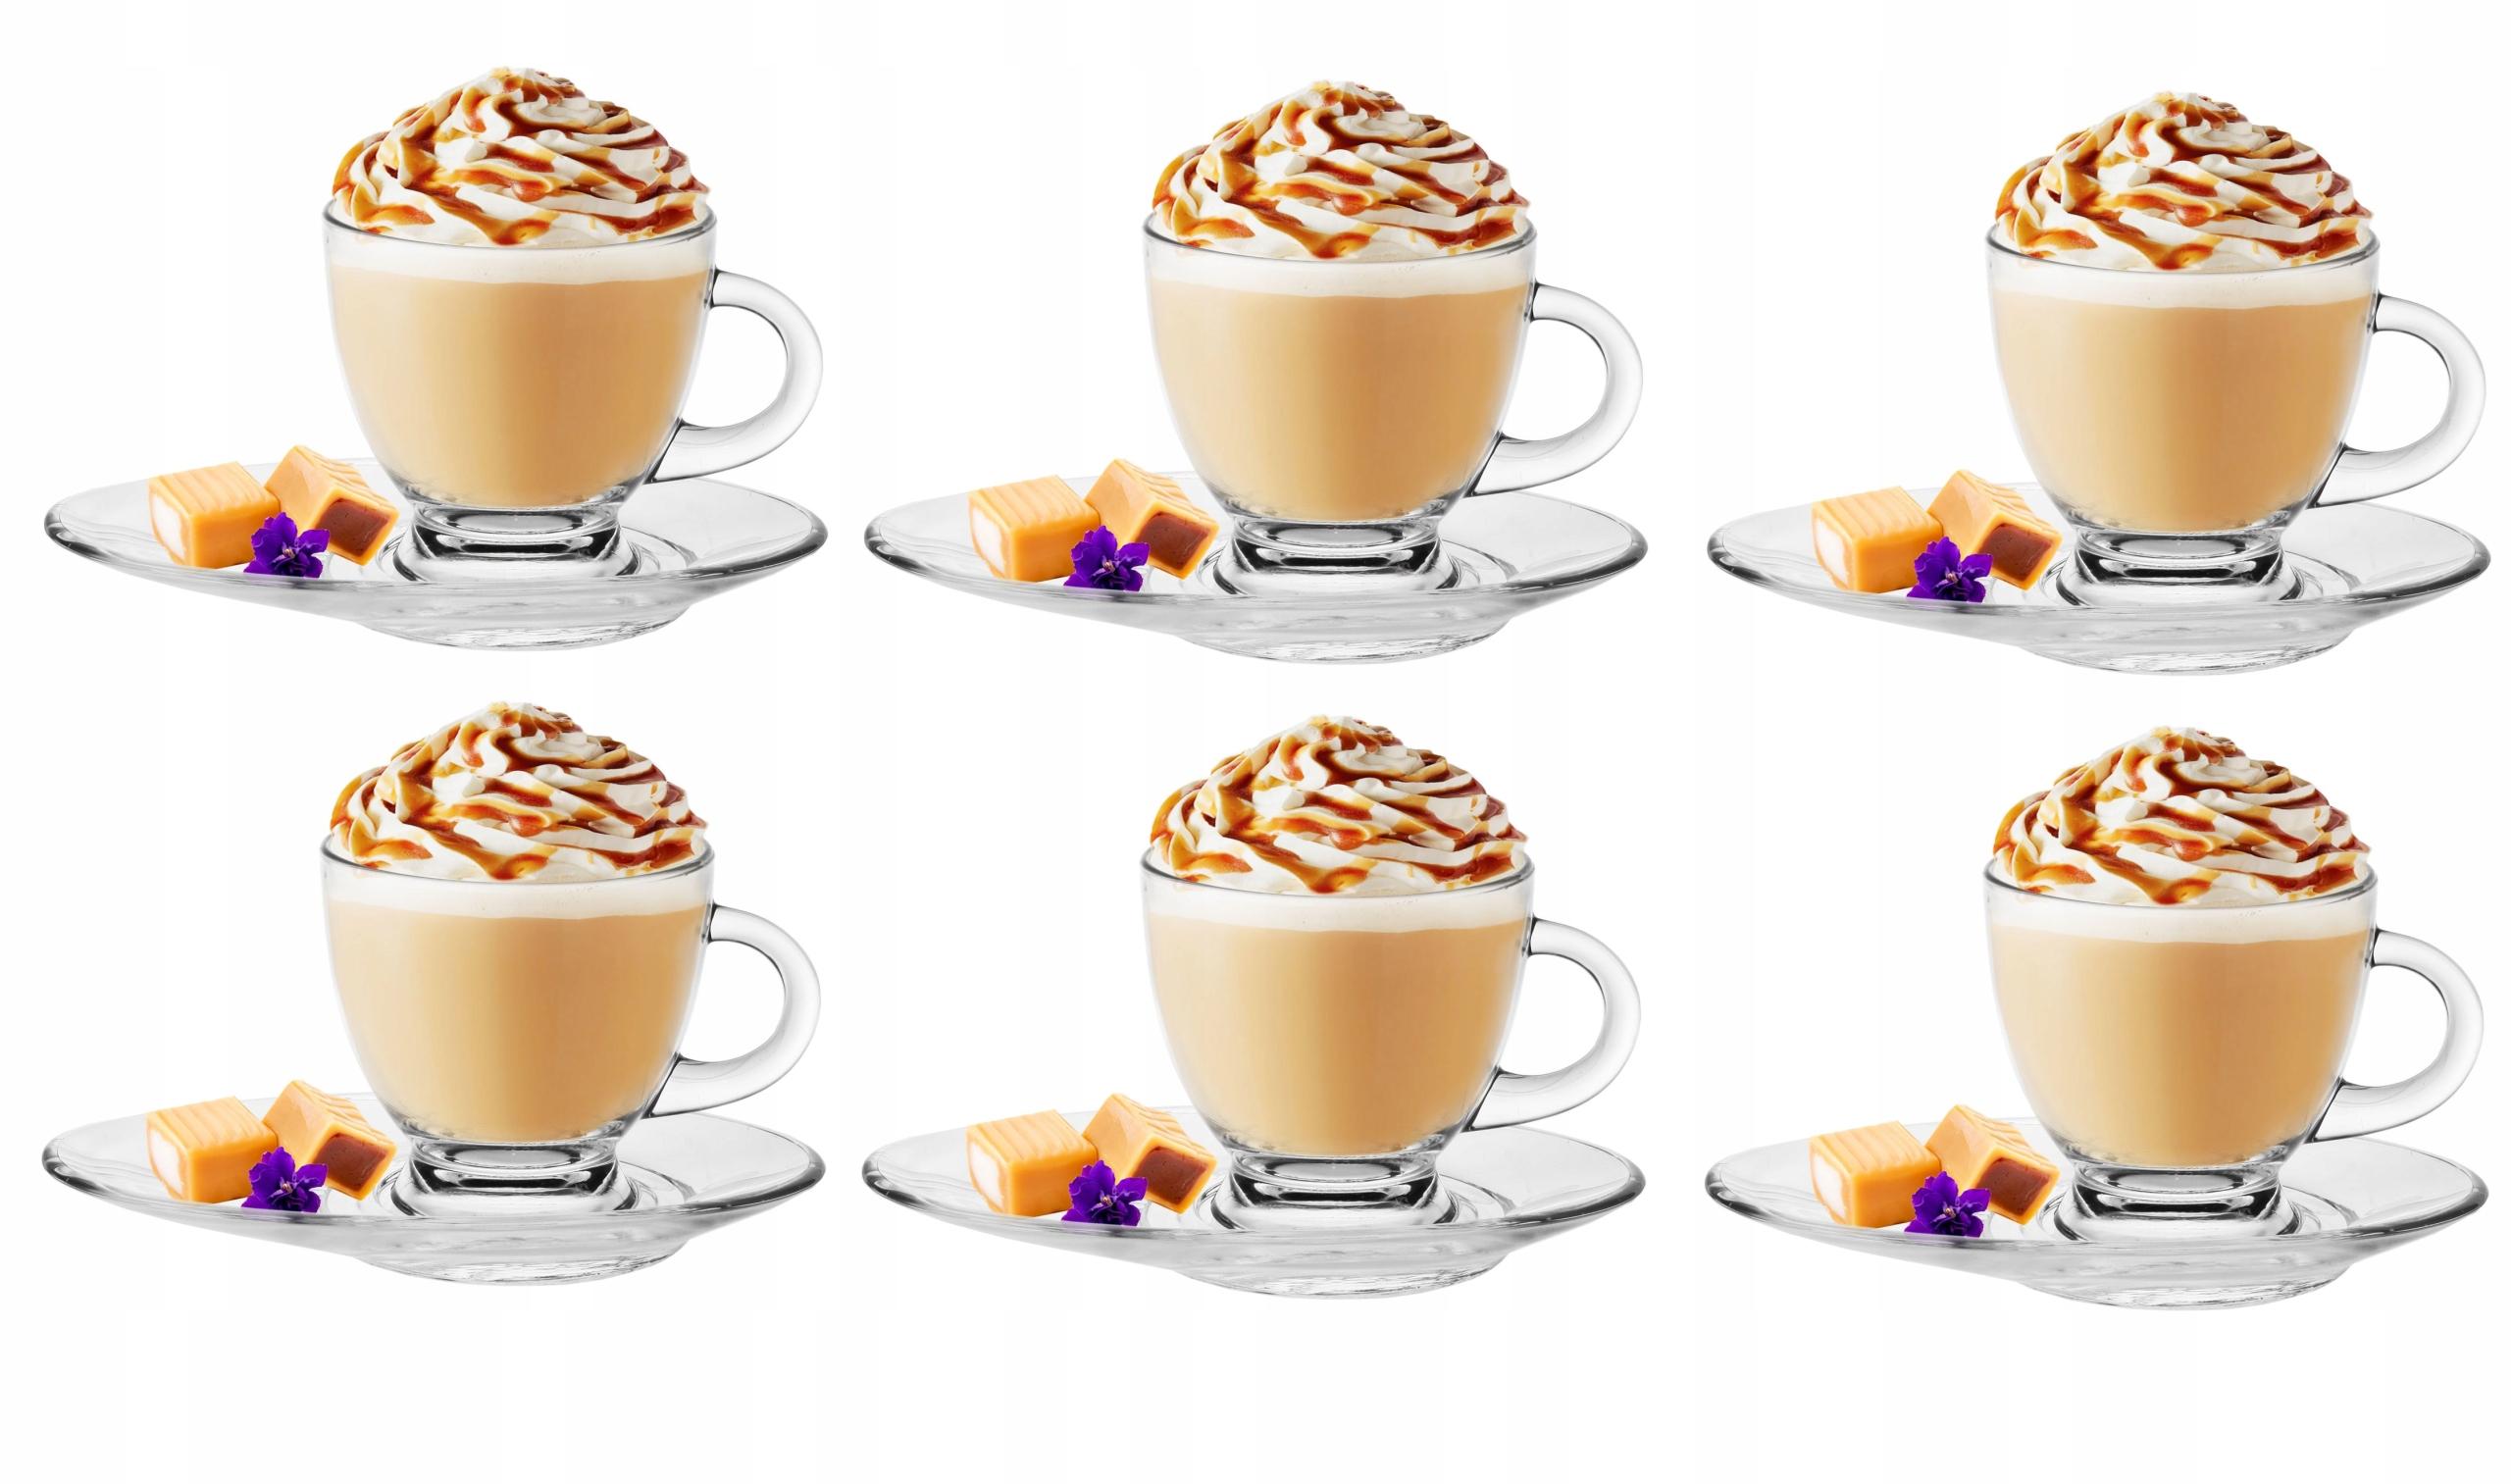 Кофейные чашки, чай 6шт 230мл + блюдца